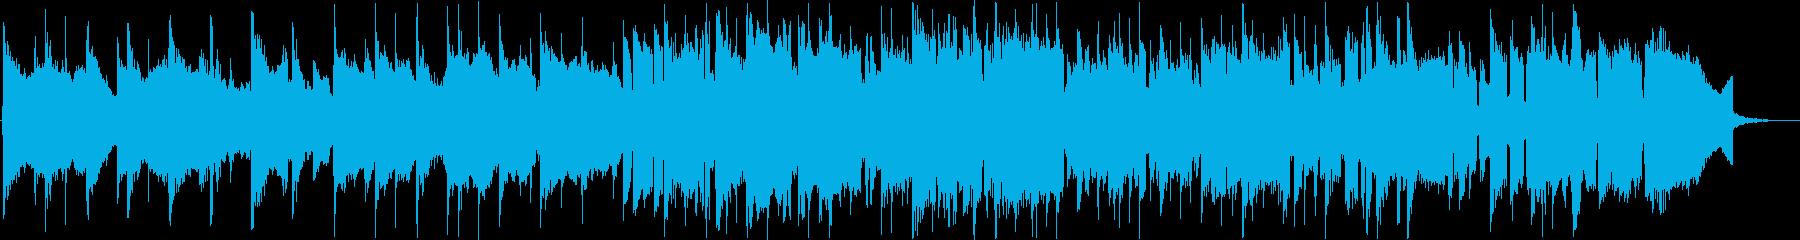 【アニメ】エピローグ問題解決、大団円の再生済みの波形